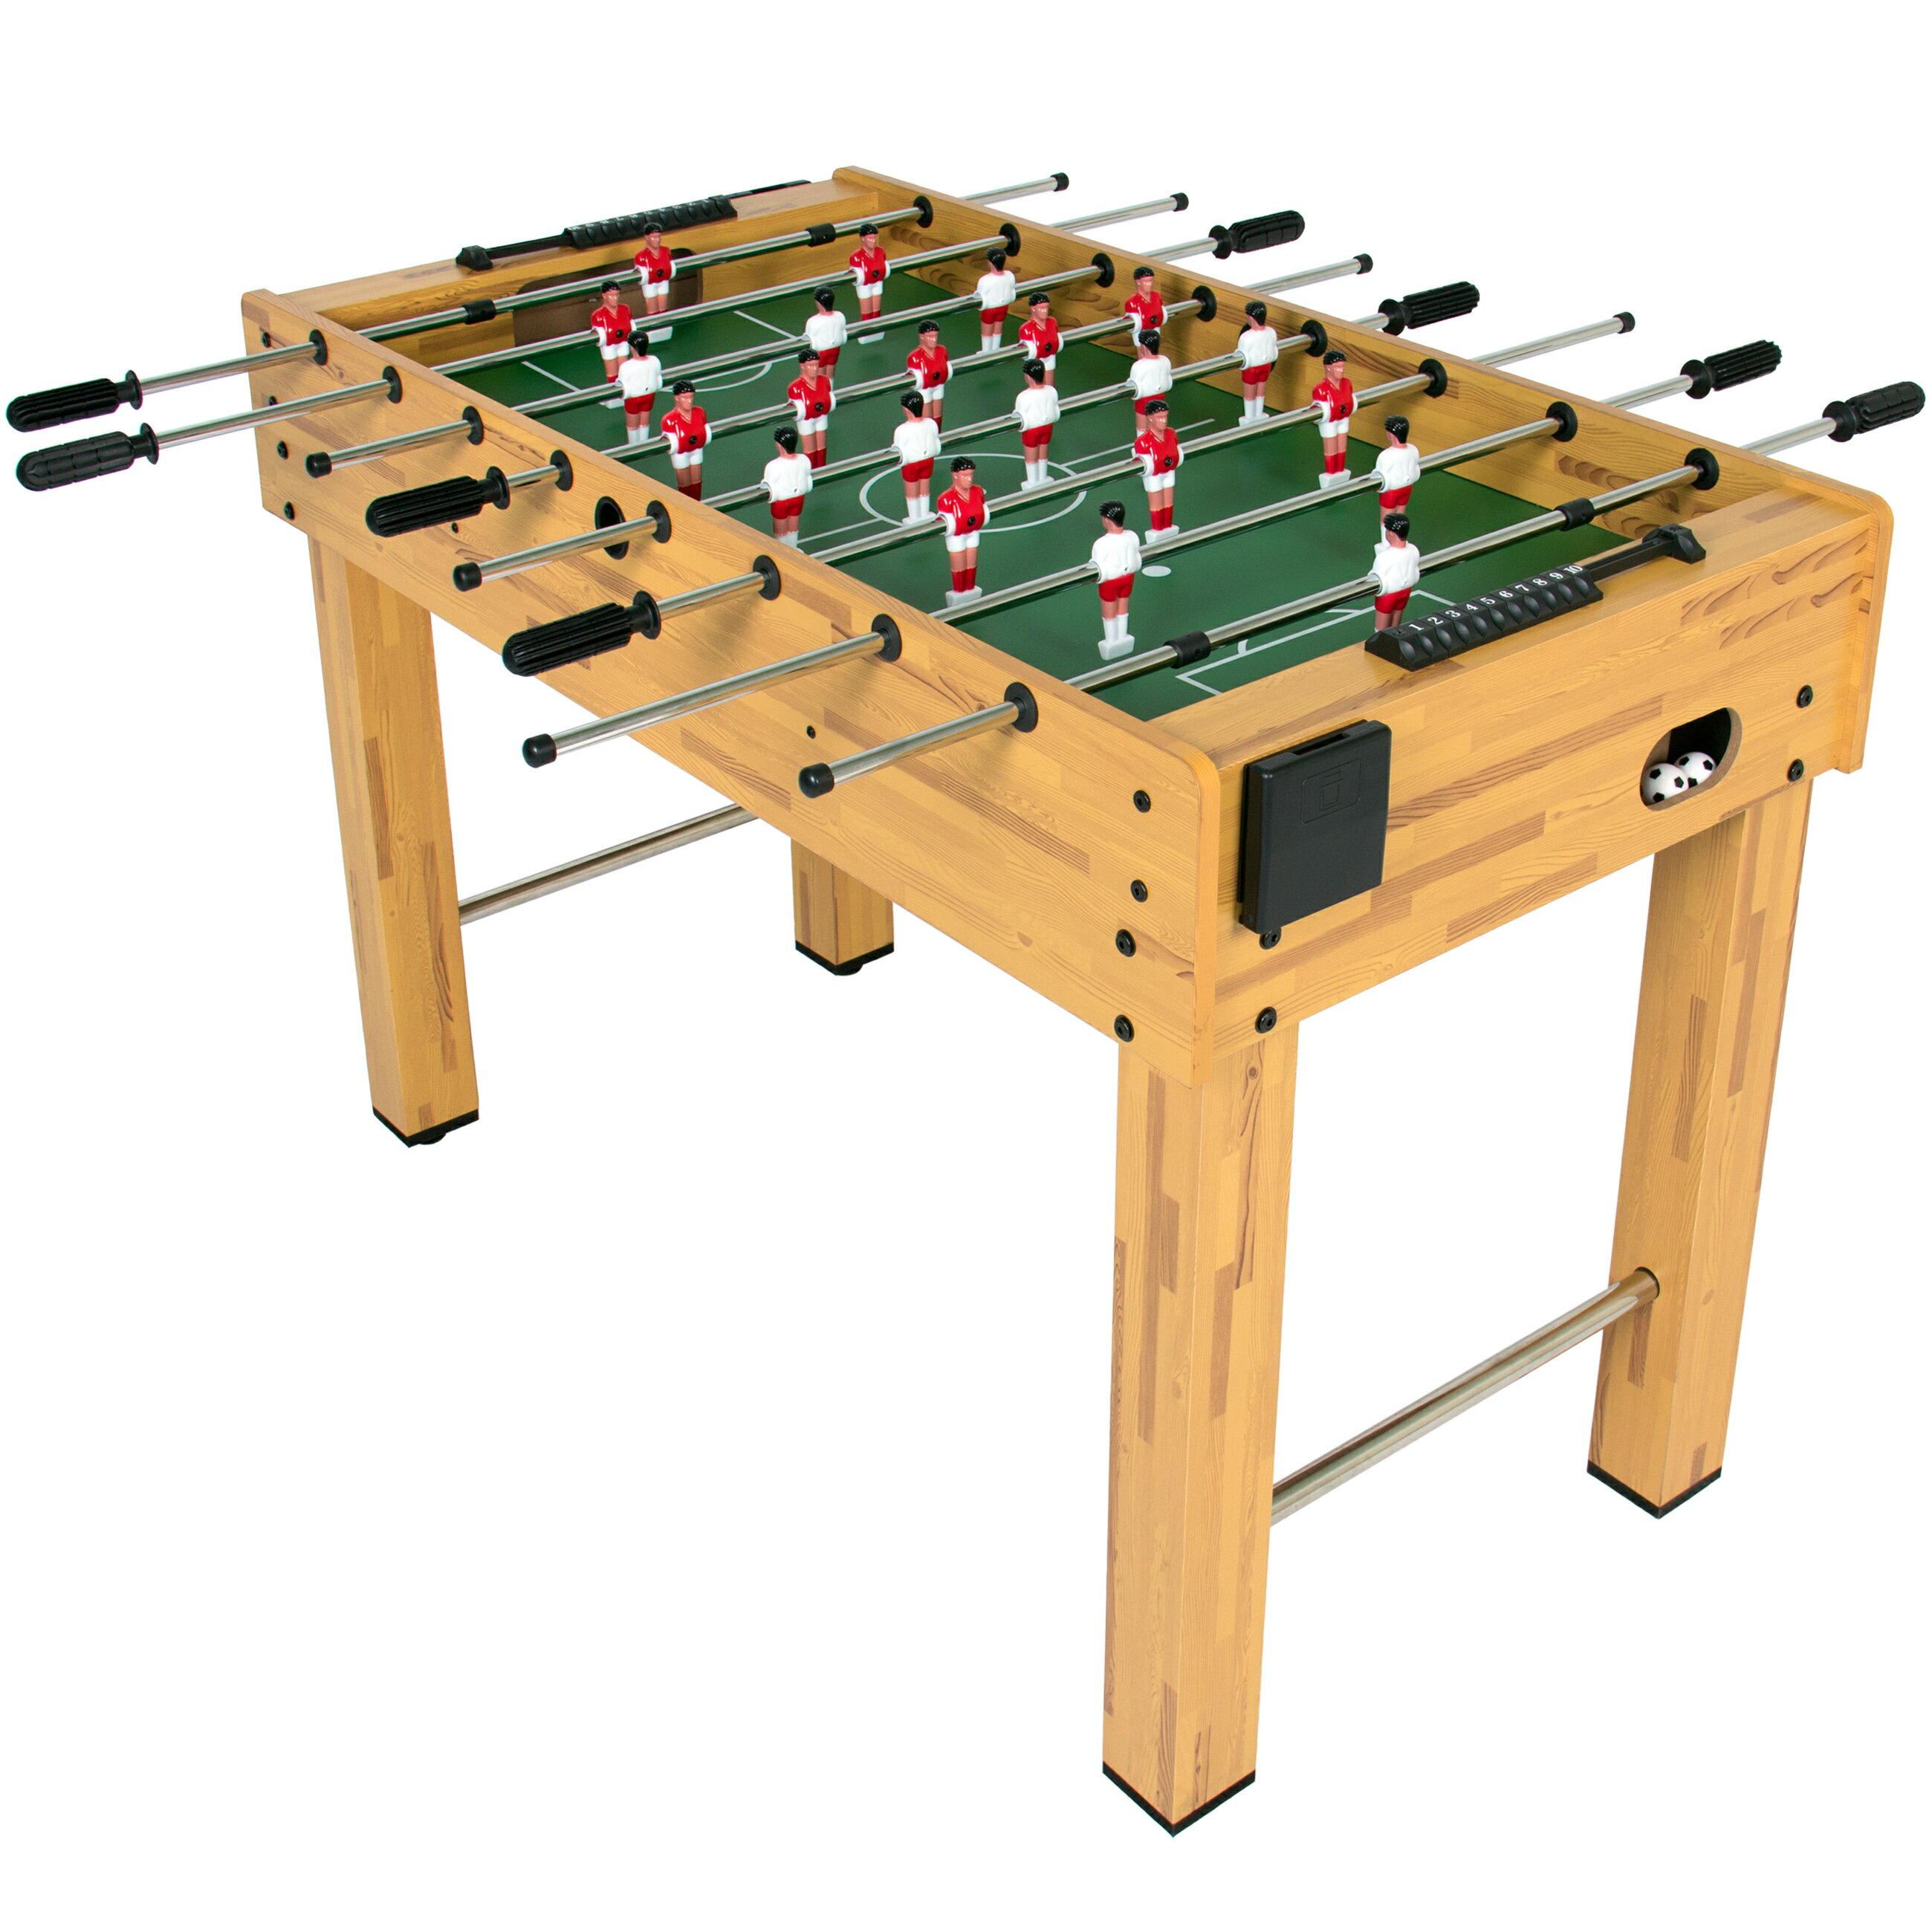 Football Stadium Lights End Table: Rakuten: Best Choice Products 48